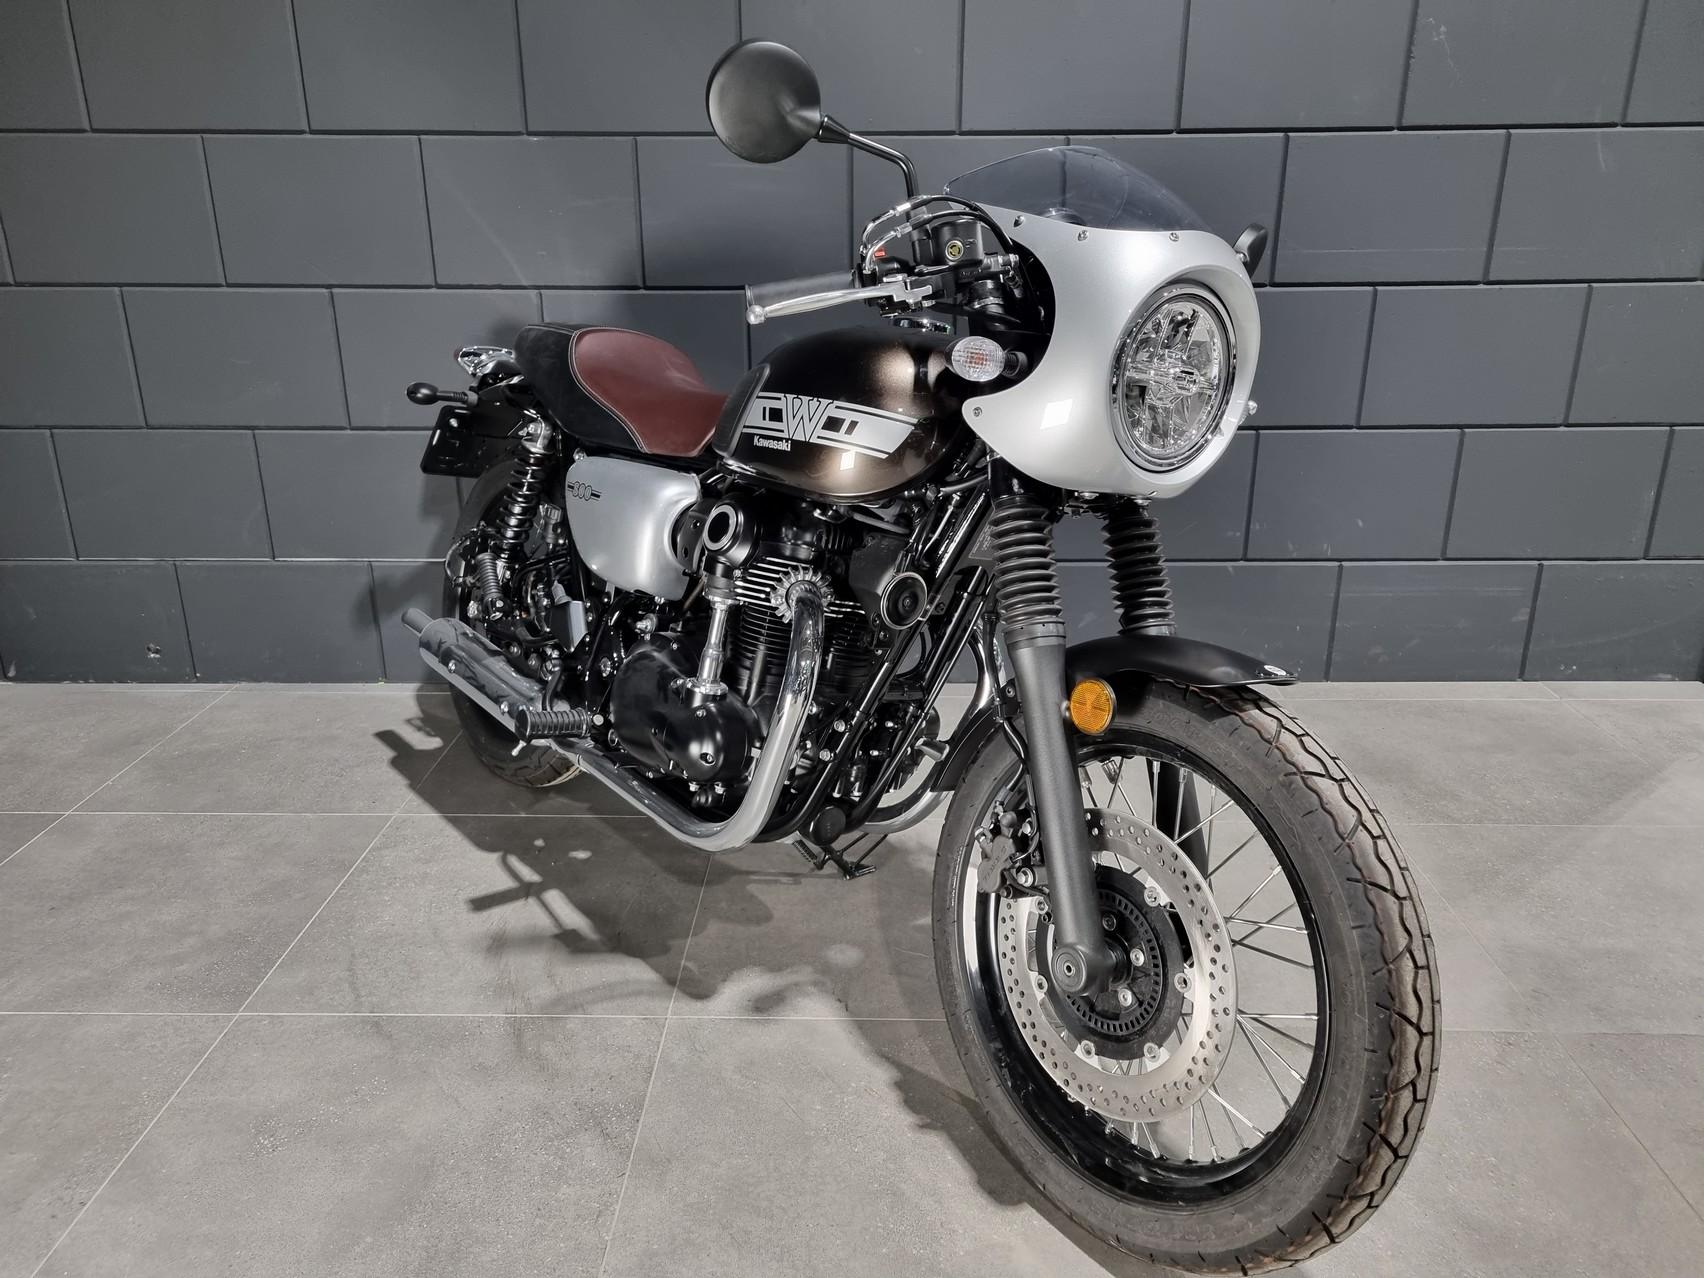 KAWASAKI - W 800 CAFE